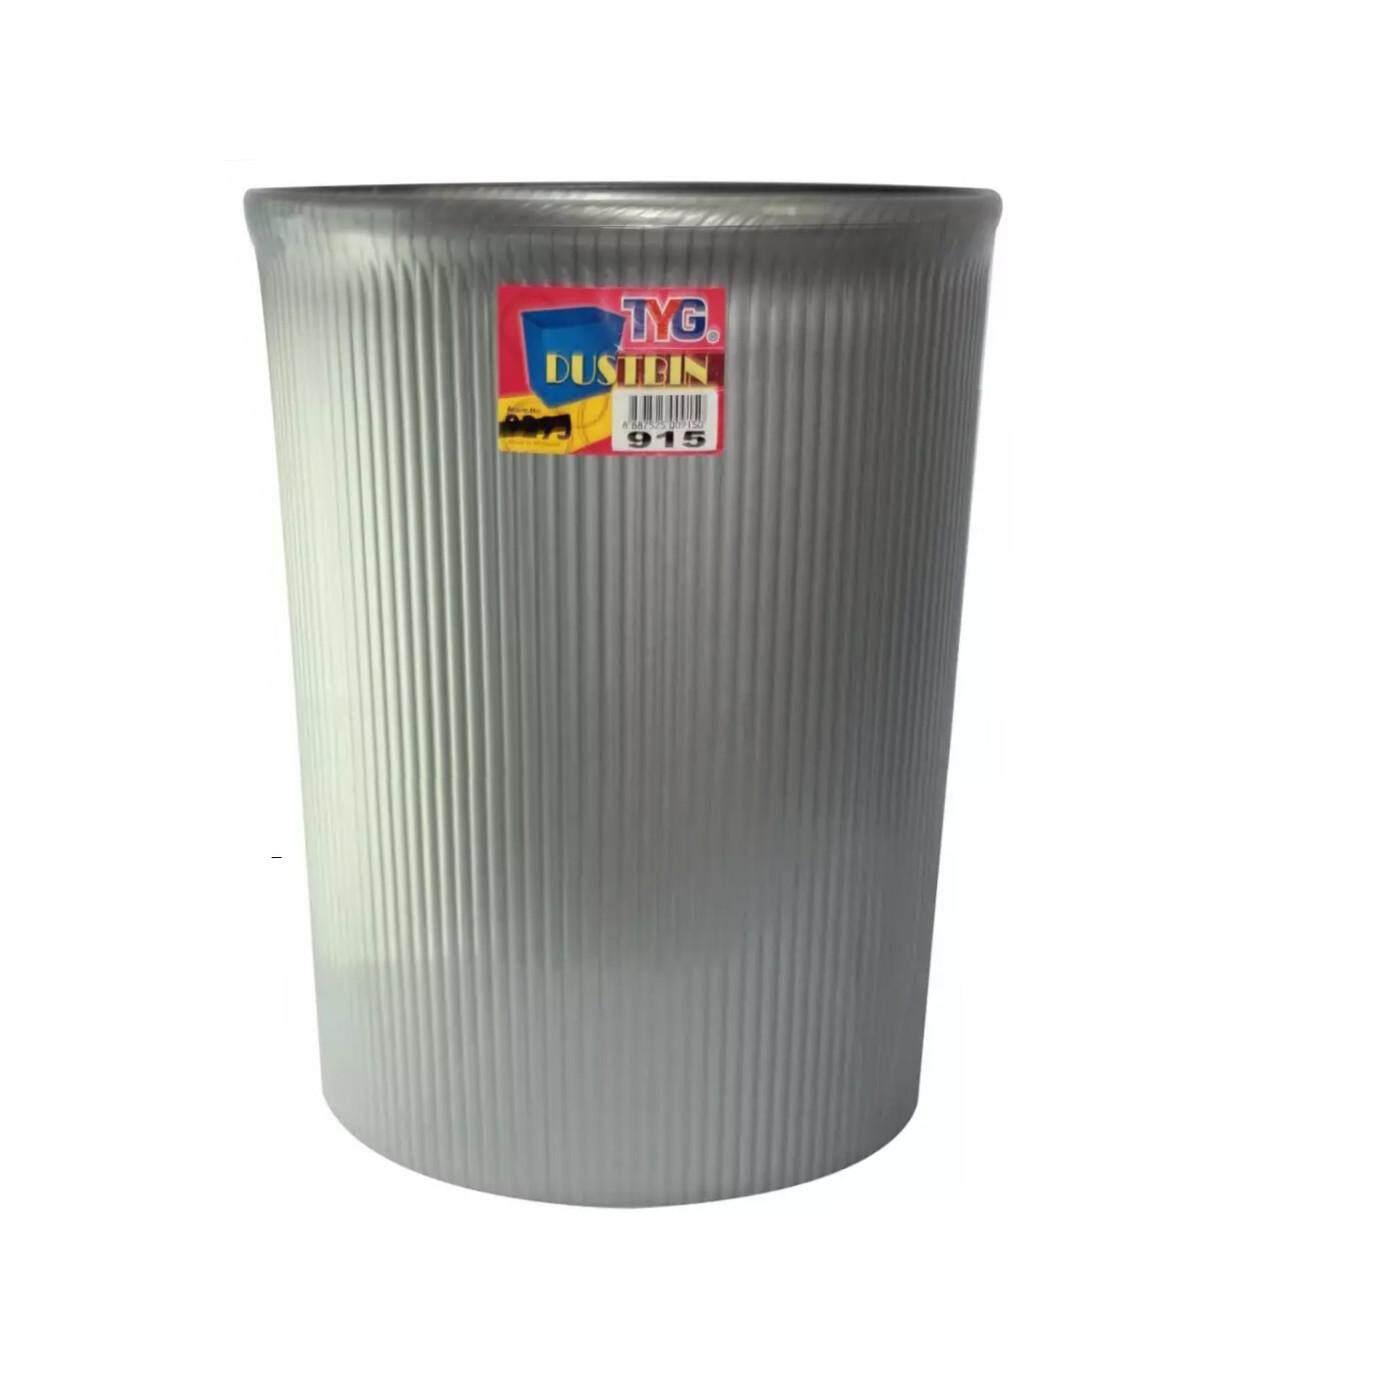 (LZ) TOYOGO 13 Lit Dustbin / Waste paper Bin / Recycling Bin / Garbage Bin